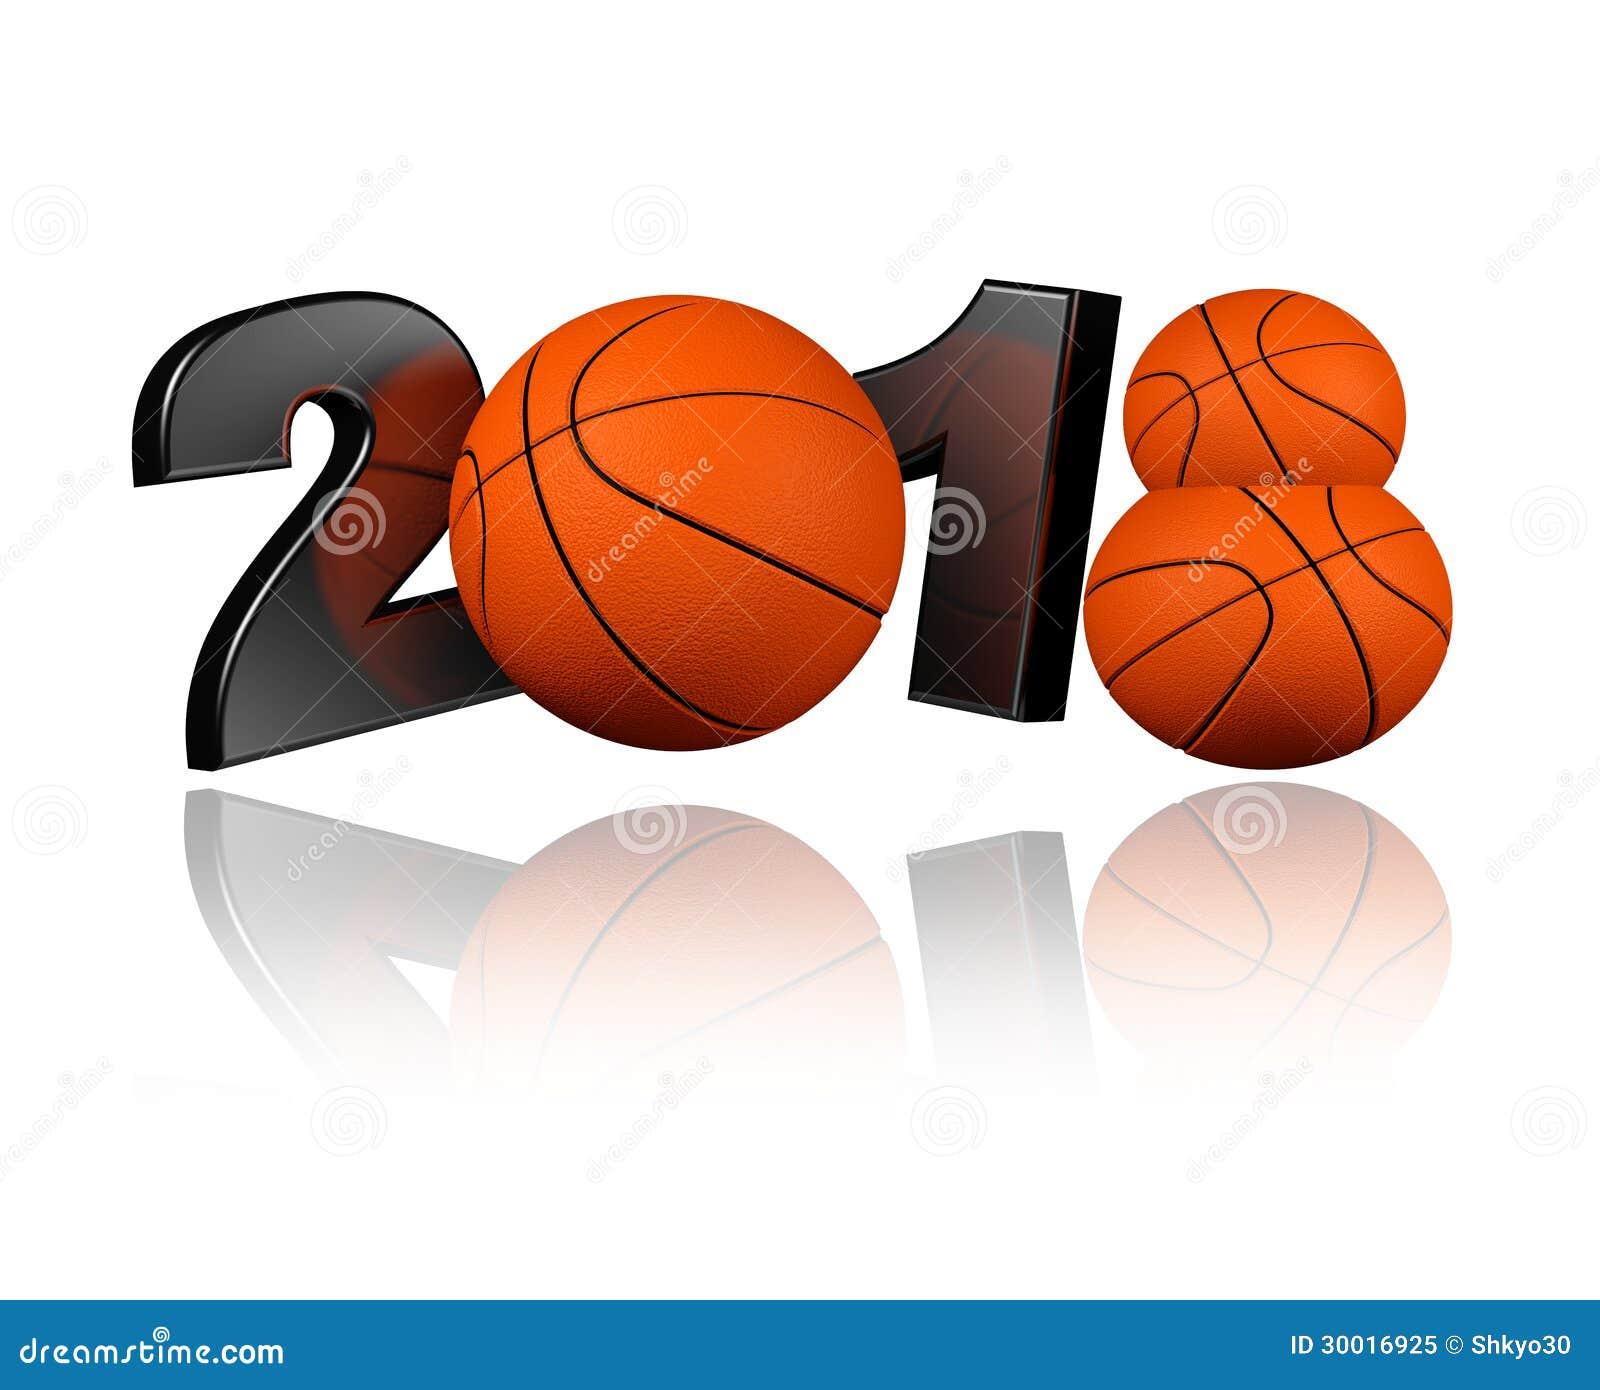 basketball 2018 stock illustration illustration of white 30016925